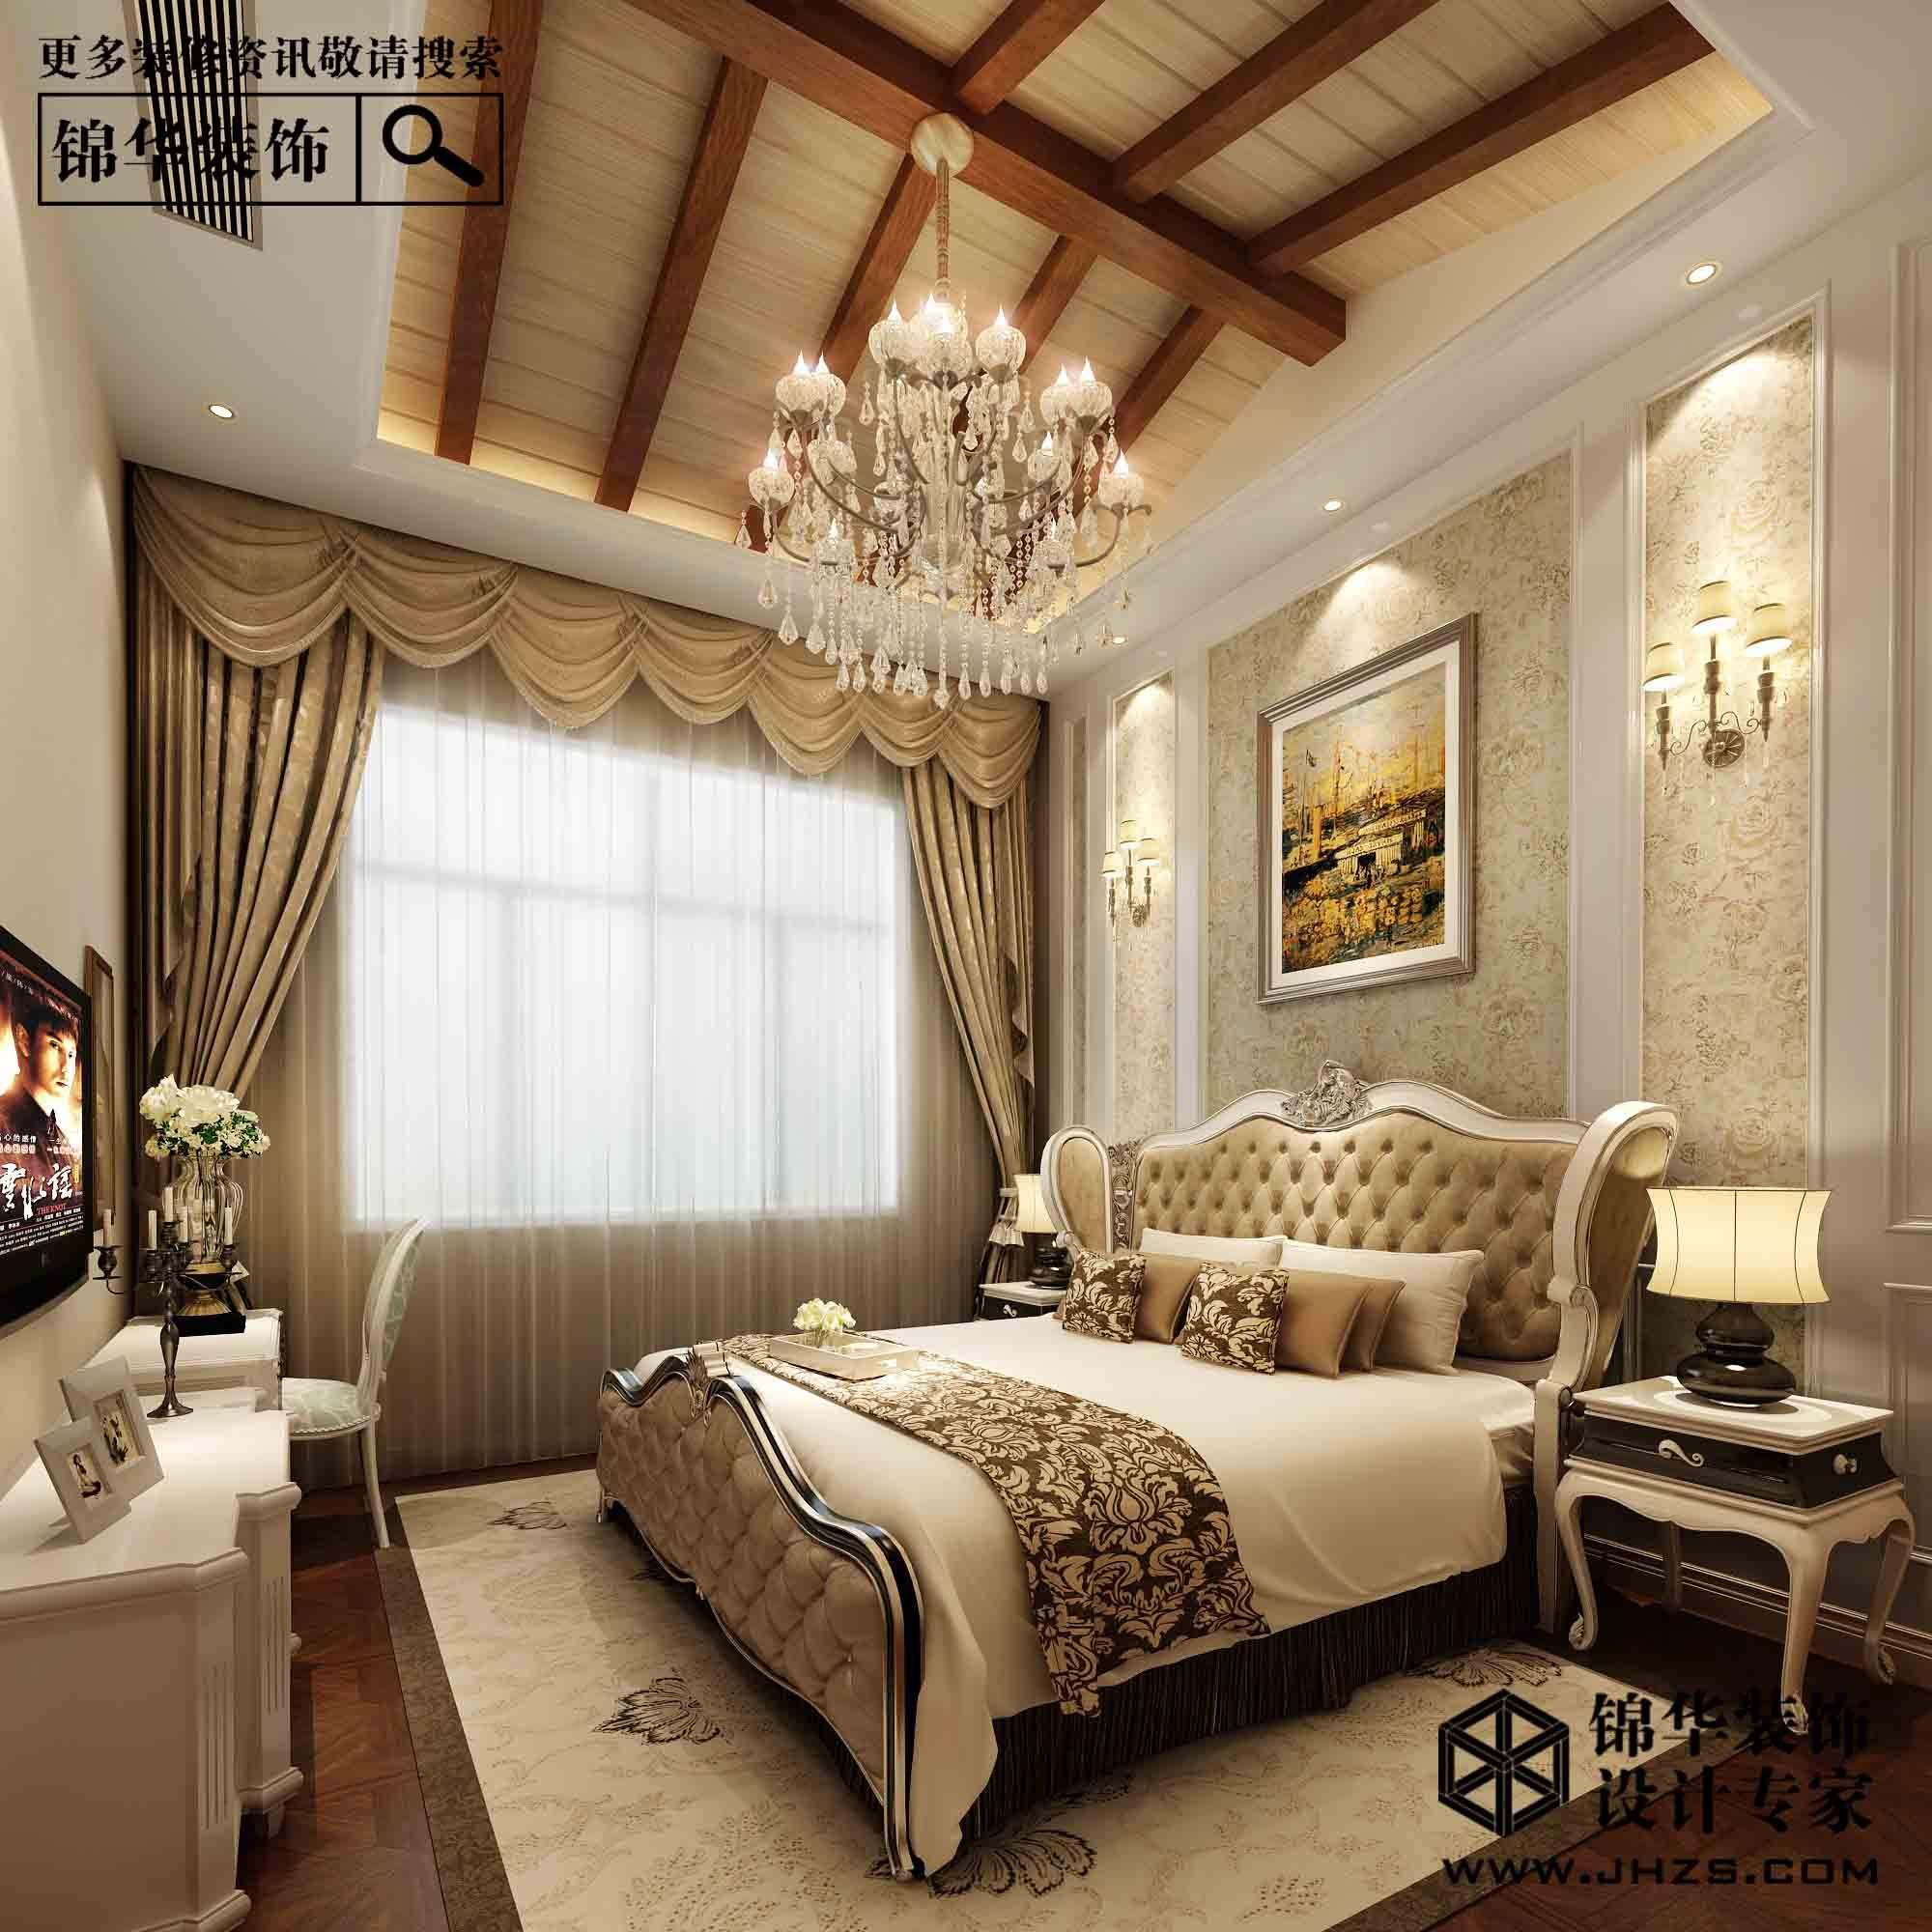 溧阳碧桂园别墅美式风格图片